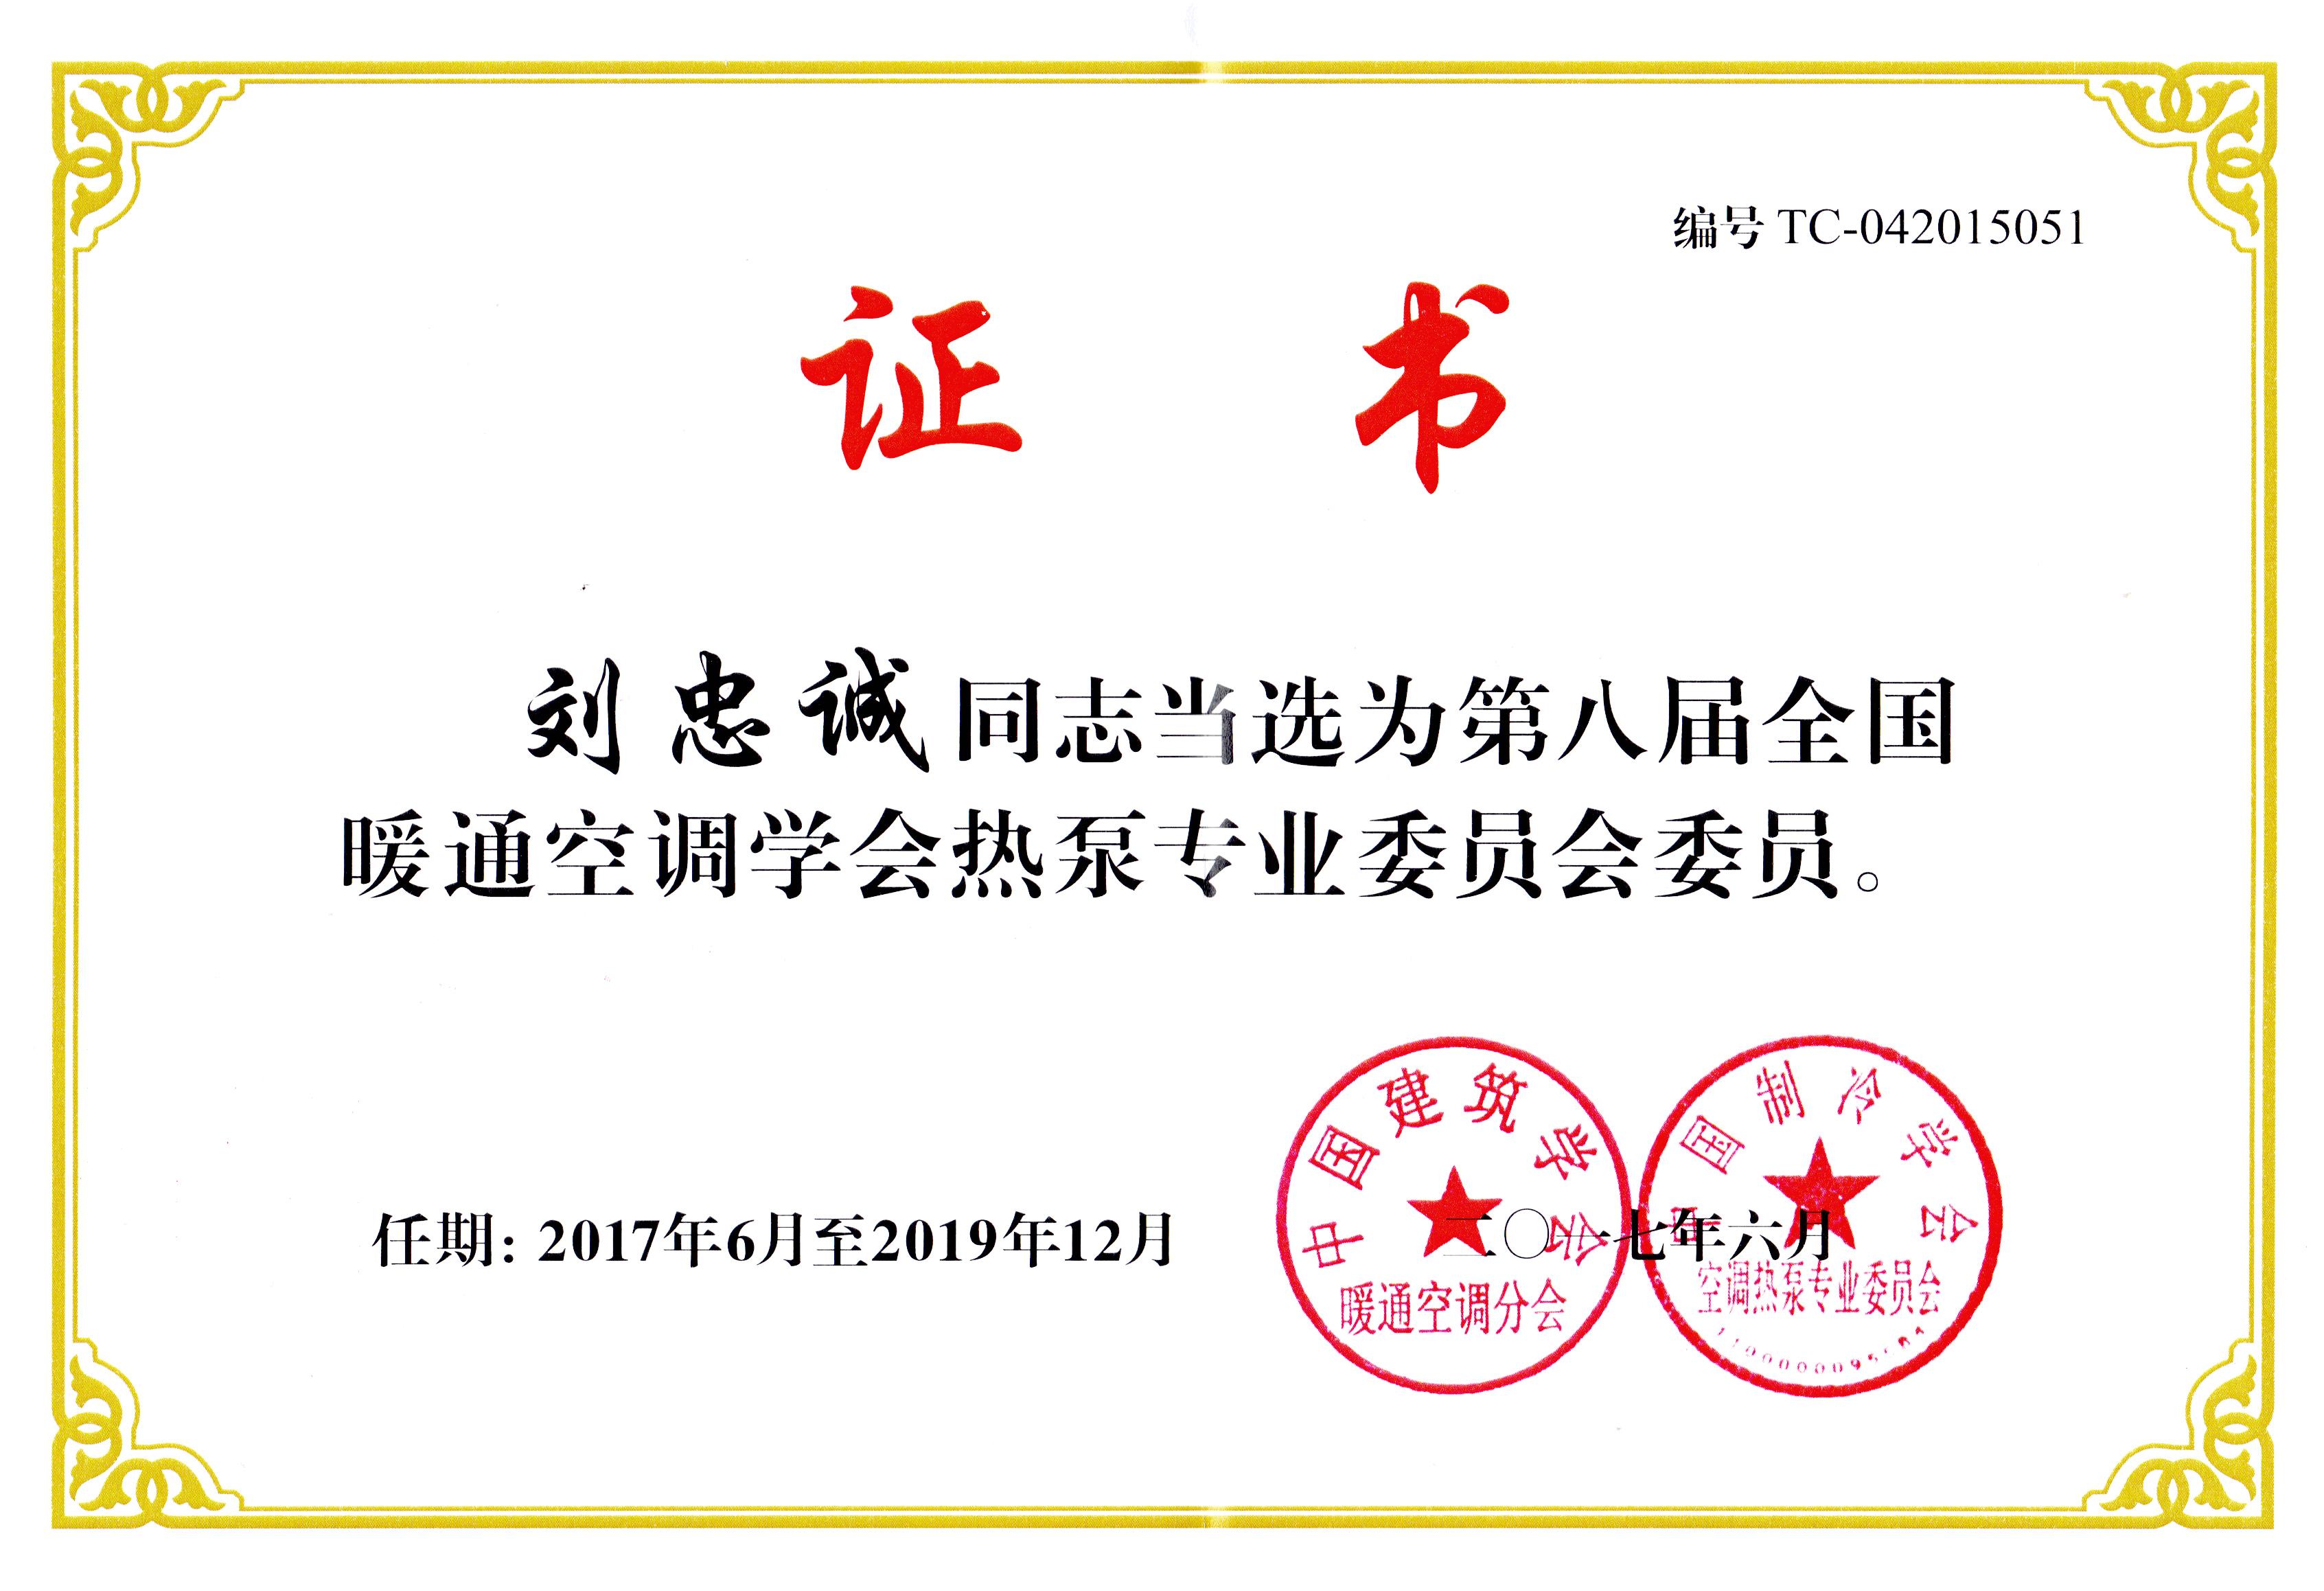 董事长刘忠诚先生当选为第八届全国暖通空调学会热泵专业委员会委员